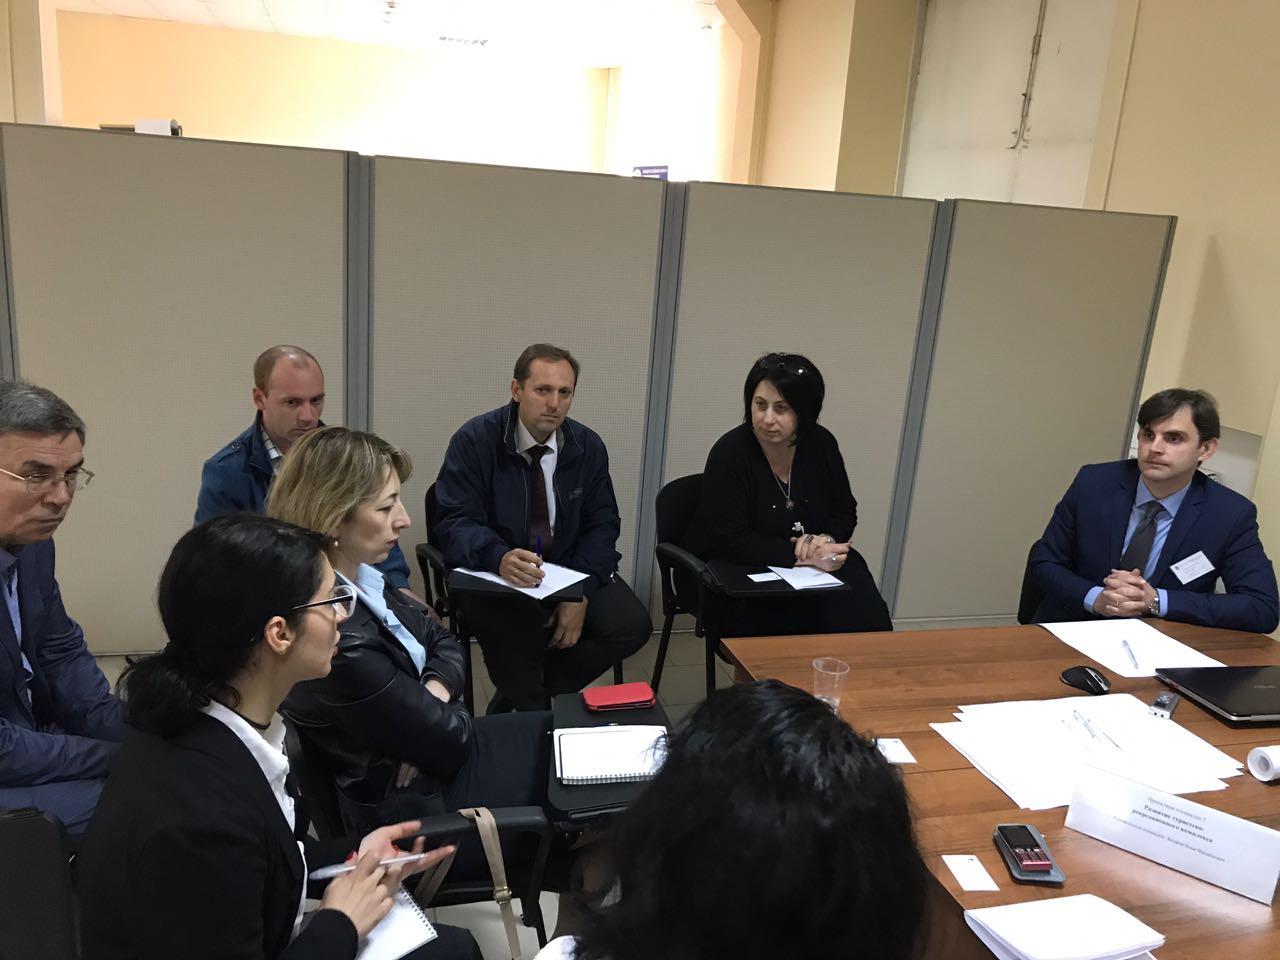 Представители АУ РА «Республиканский бизнес инкубатор» приняли участие в стратегической сессии «Стратегическая диагностика и приоритеты развития Республики Адыгея», проходившей 16-17 мая 2017г.